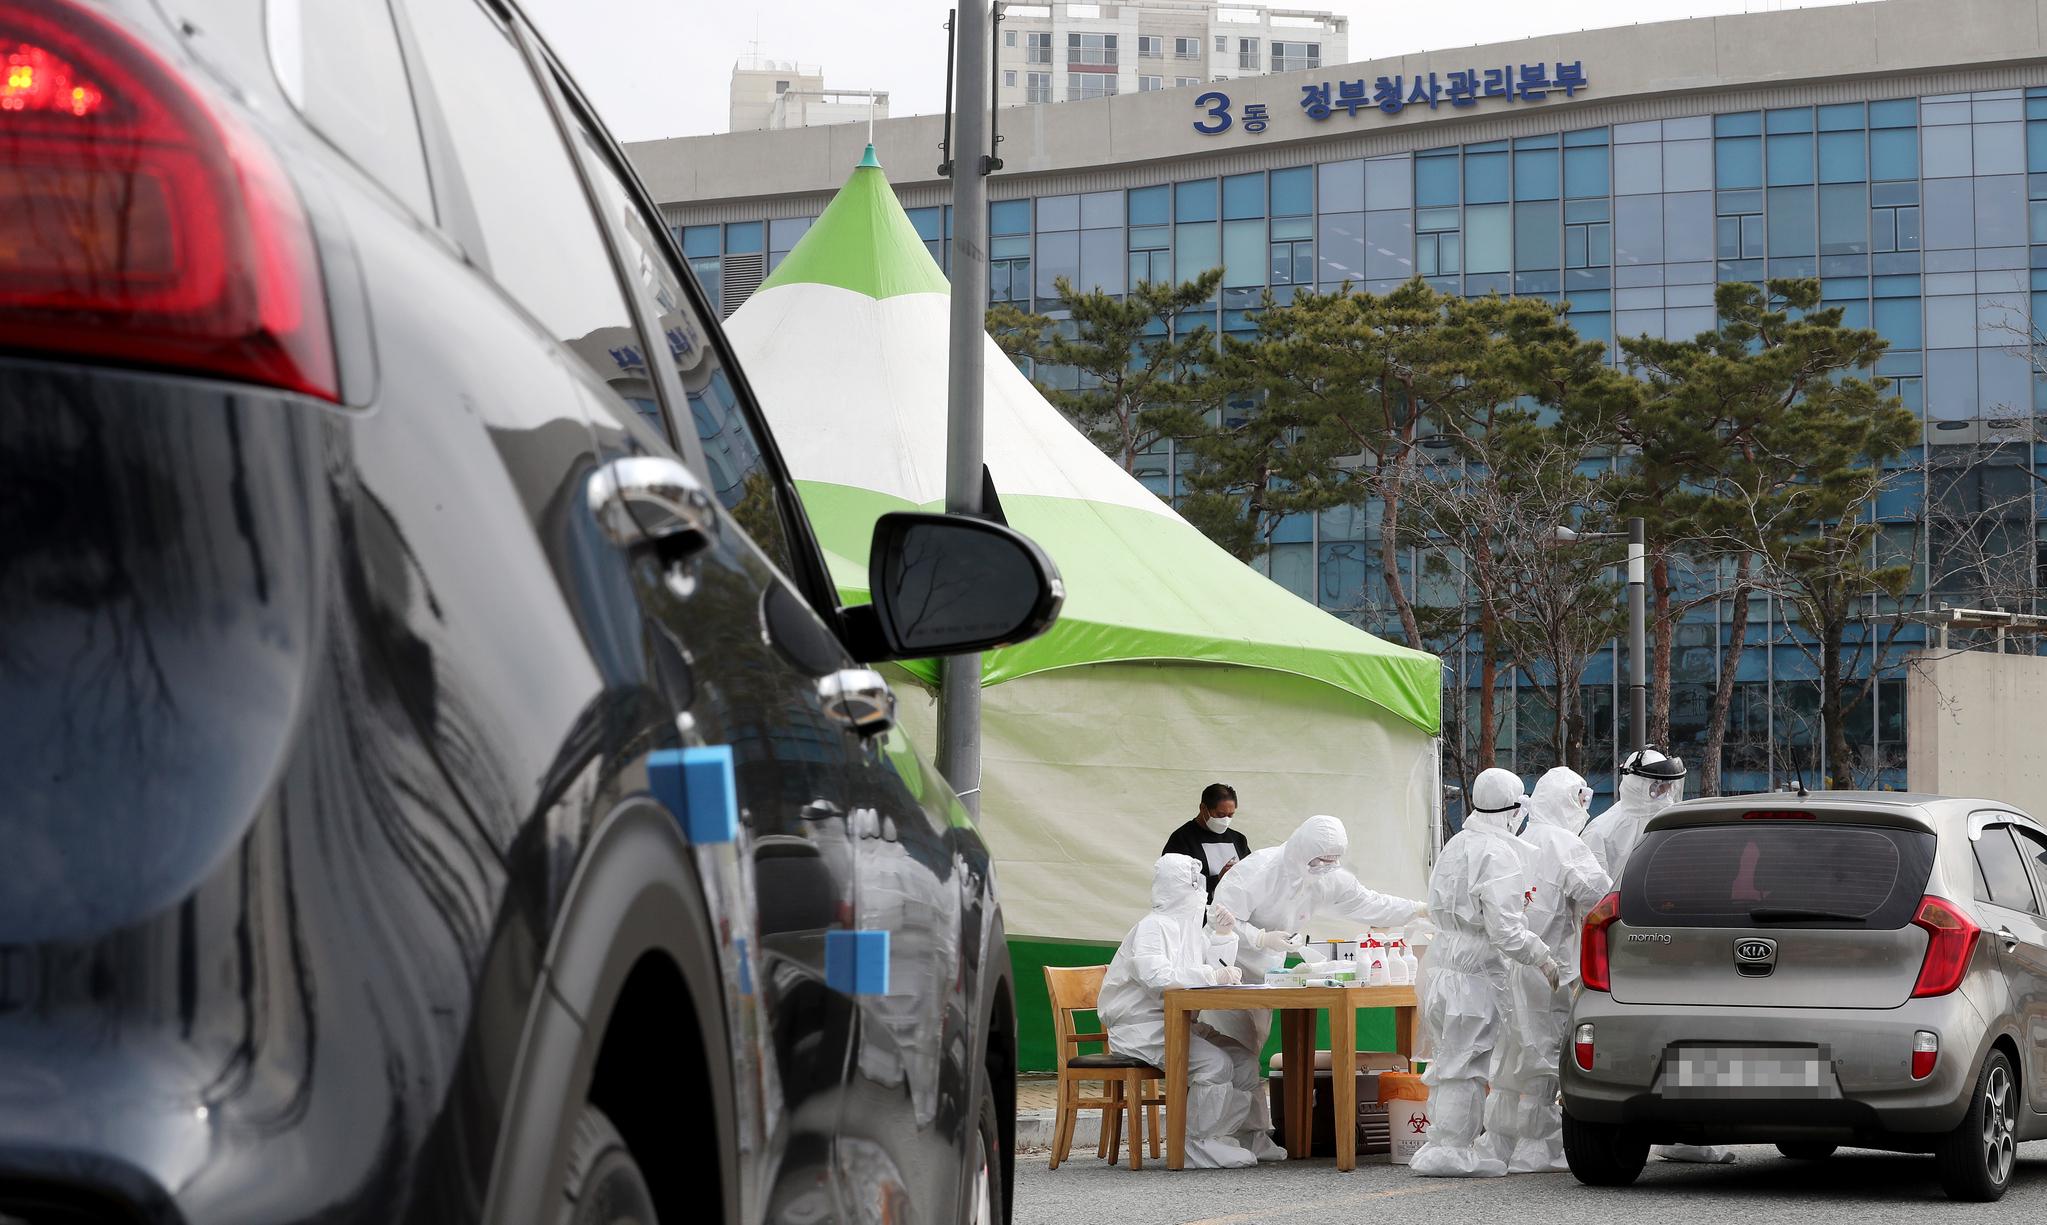 13일 세종시 정부세종청사에 설치된 드라이브 스루 선별진료소에서 시민들이 검사받고 있다. 연합뉴스